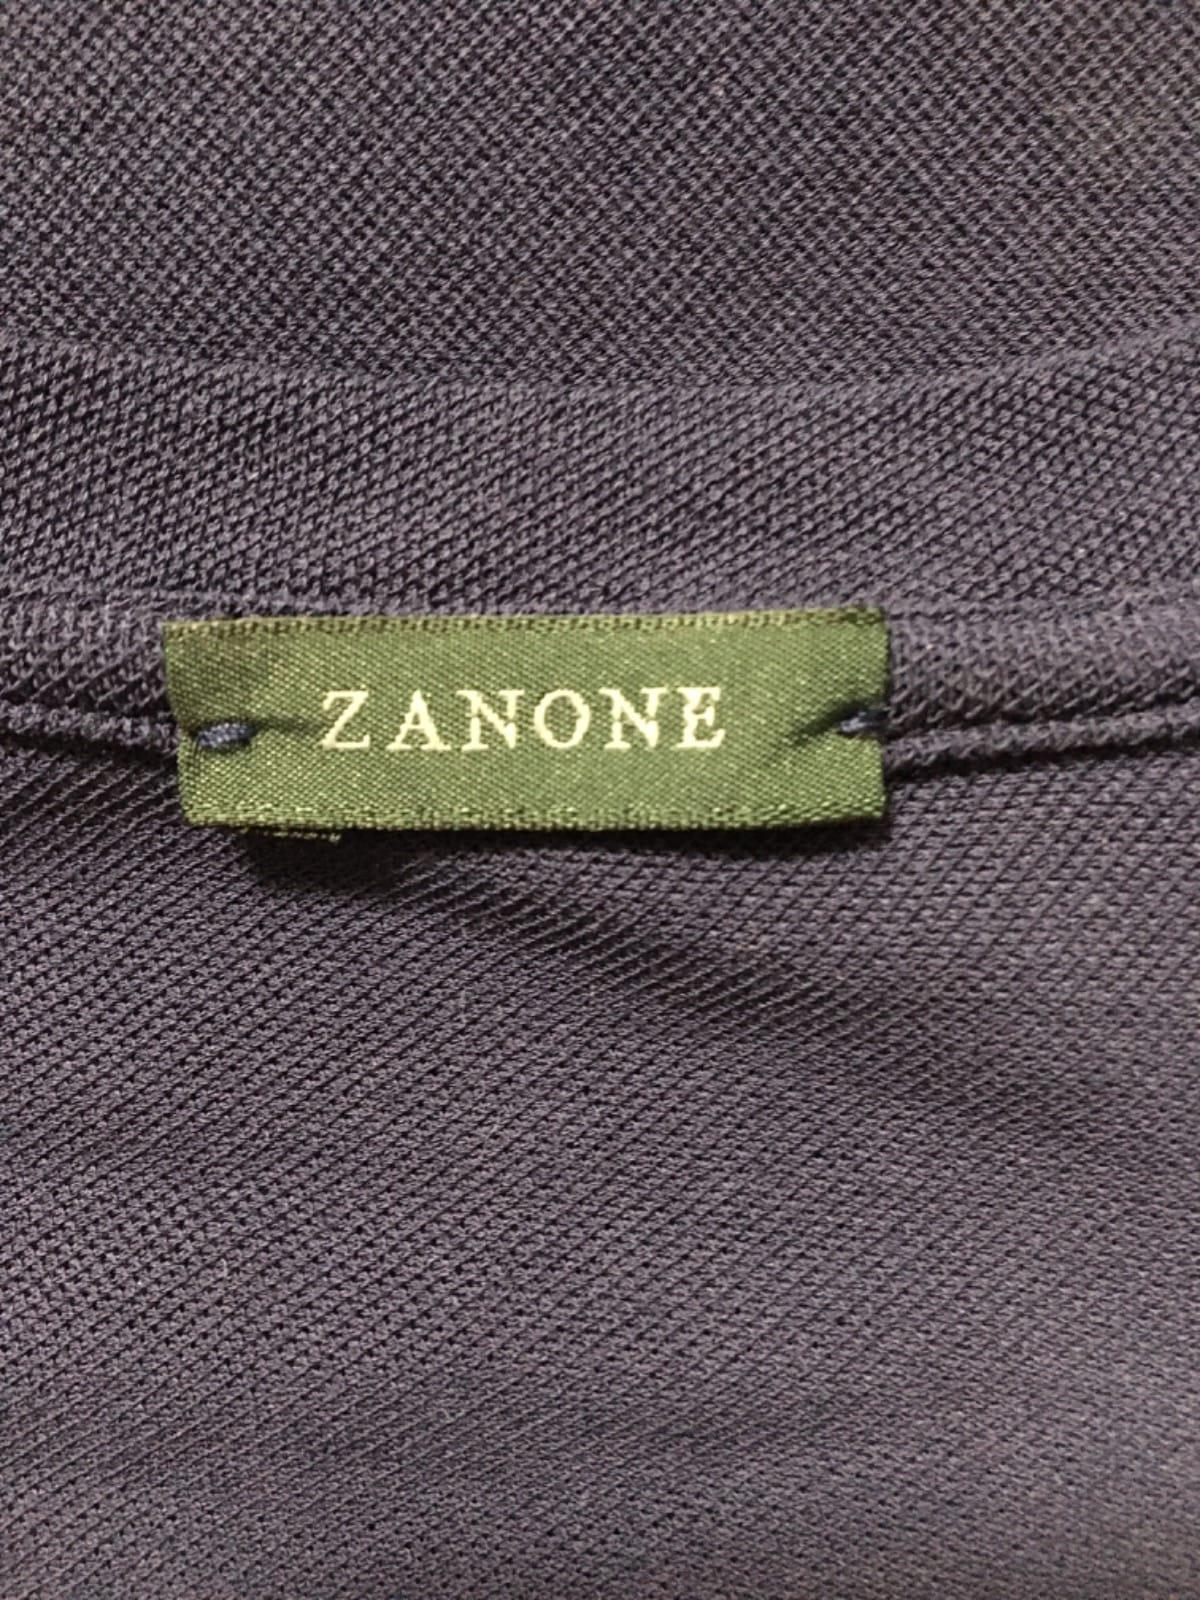 ZANONE(ザノーネ)のカットソー